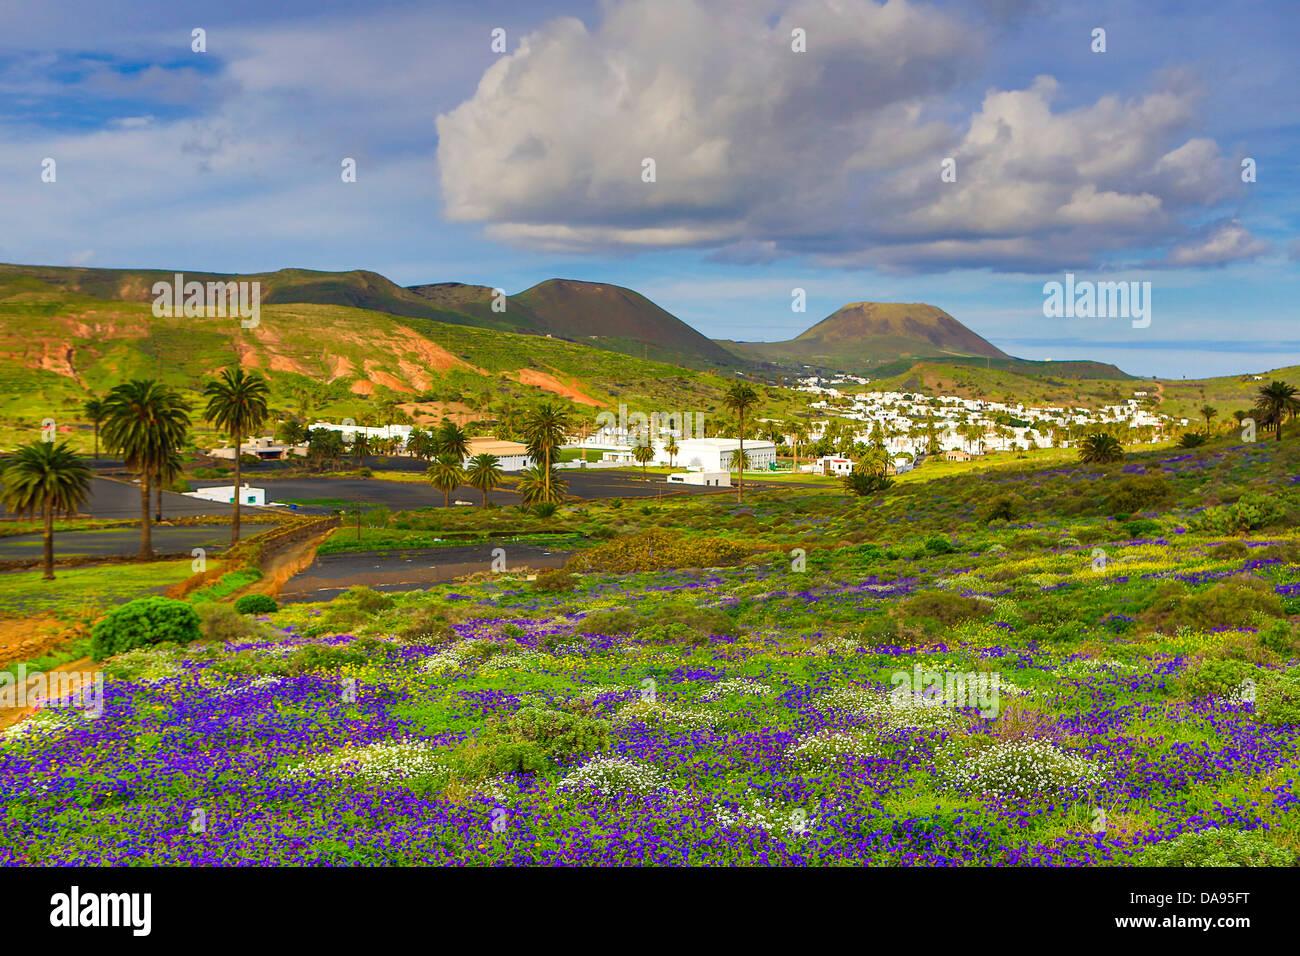 Spanien, Europa, Kanarische Inseln, Haria, Lanzarote, Mague, bunt, Blumen, Insel, Landschaft, palm-Baum, touristische, Stockfoto